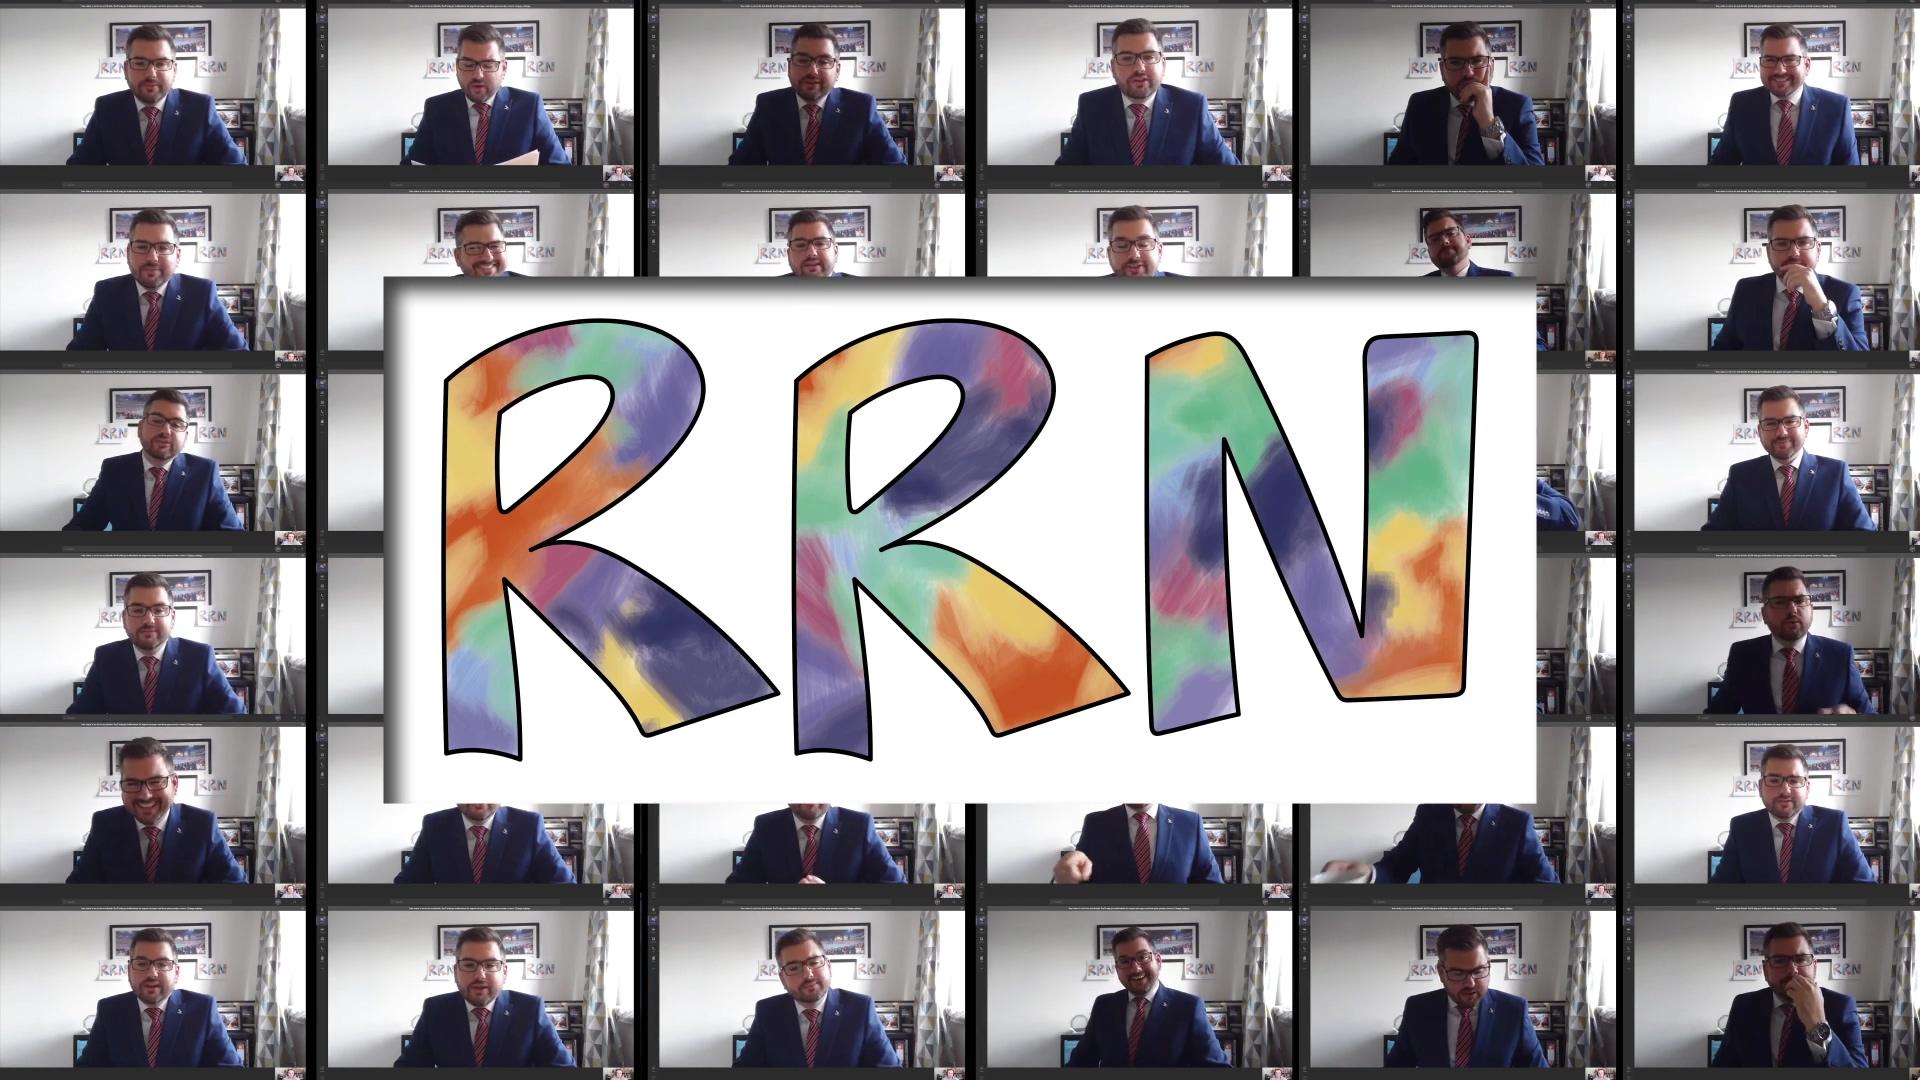 2020-Q3-DEC-RRN01-ROBINHAYMAN-VD-V4_1 sml